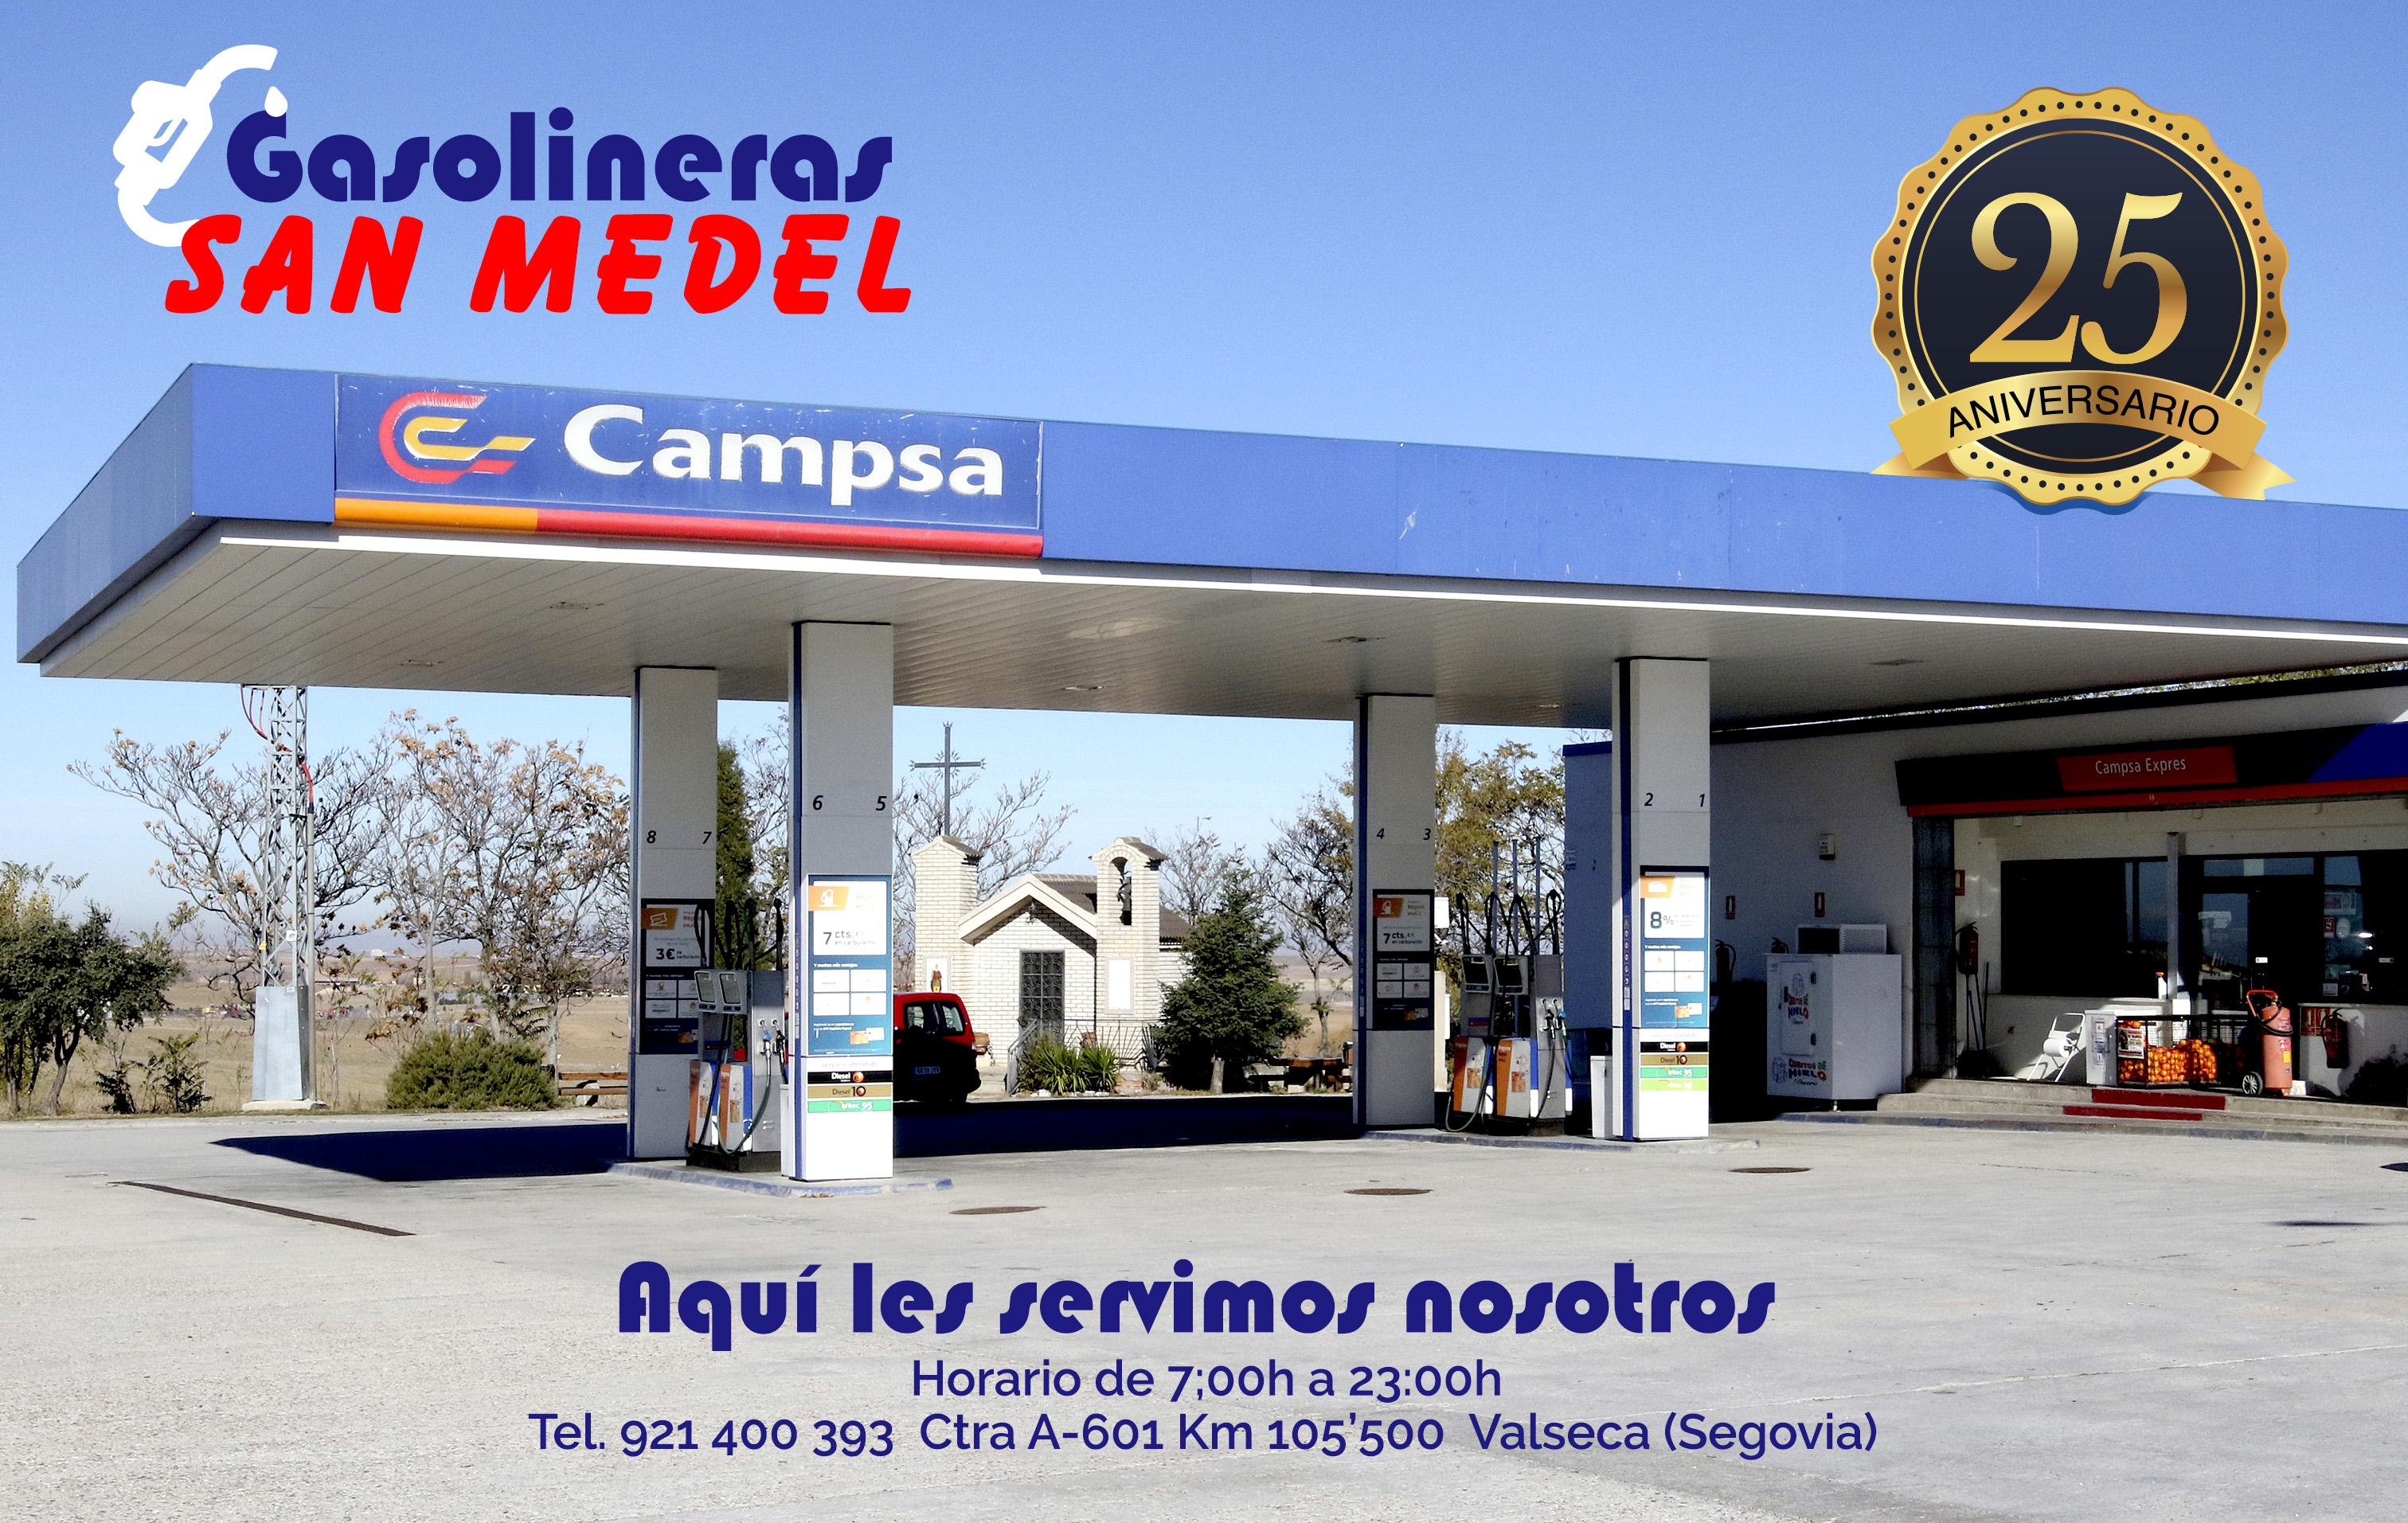 Gasolineras San Medel